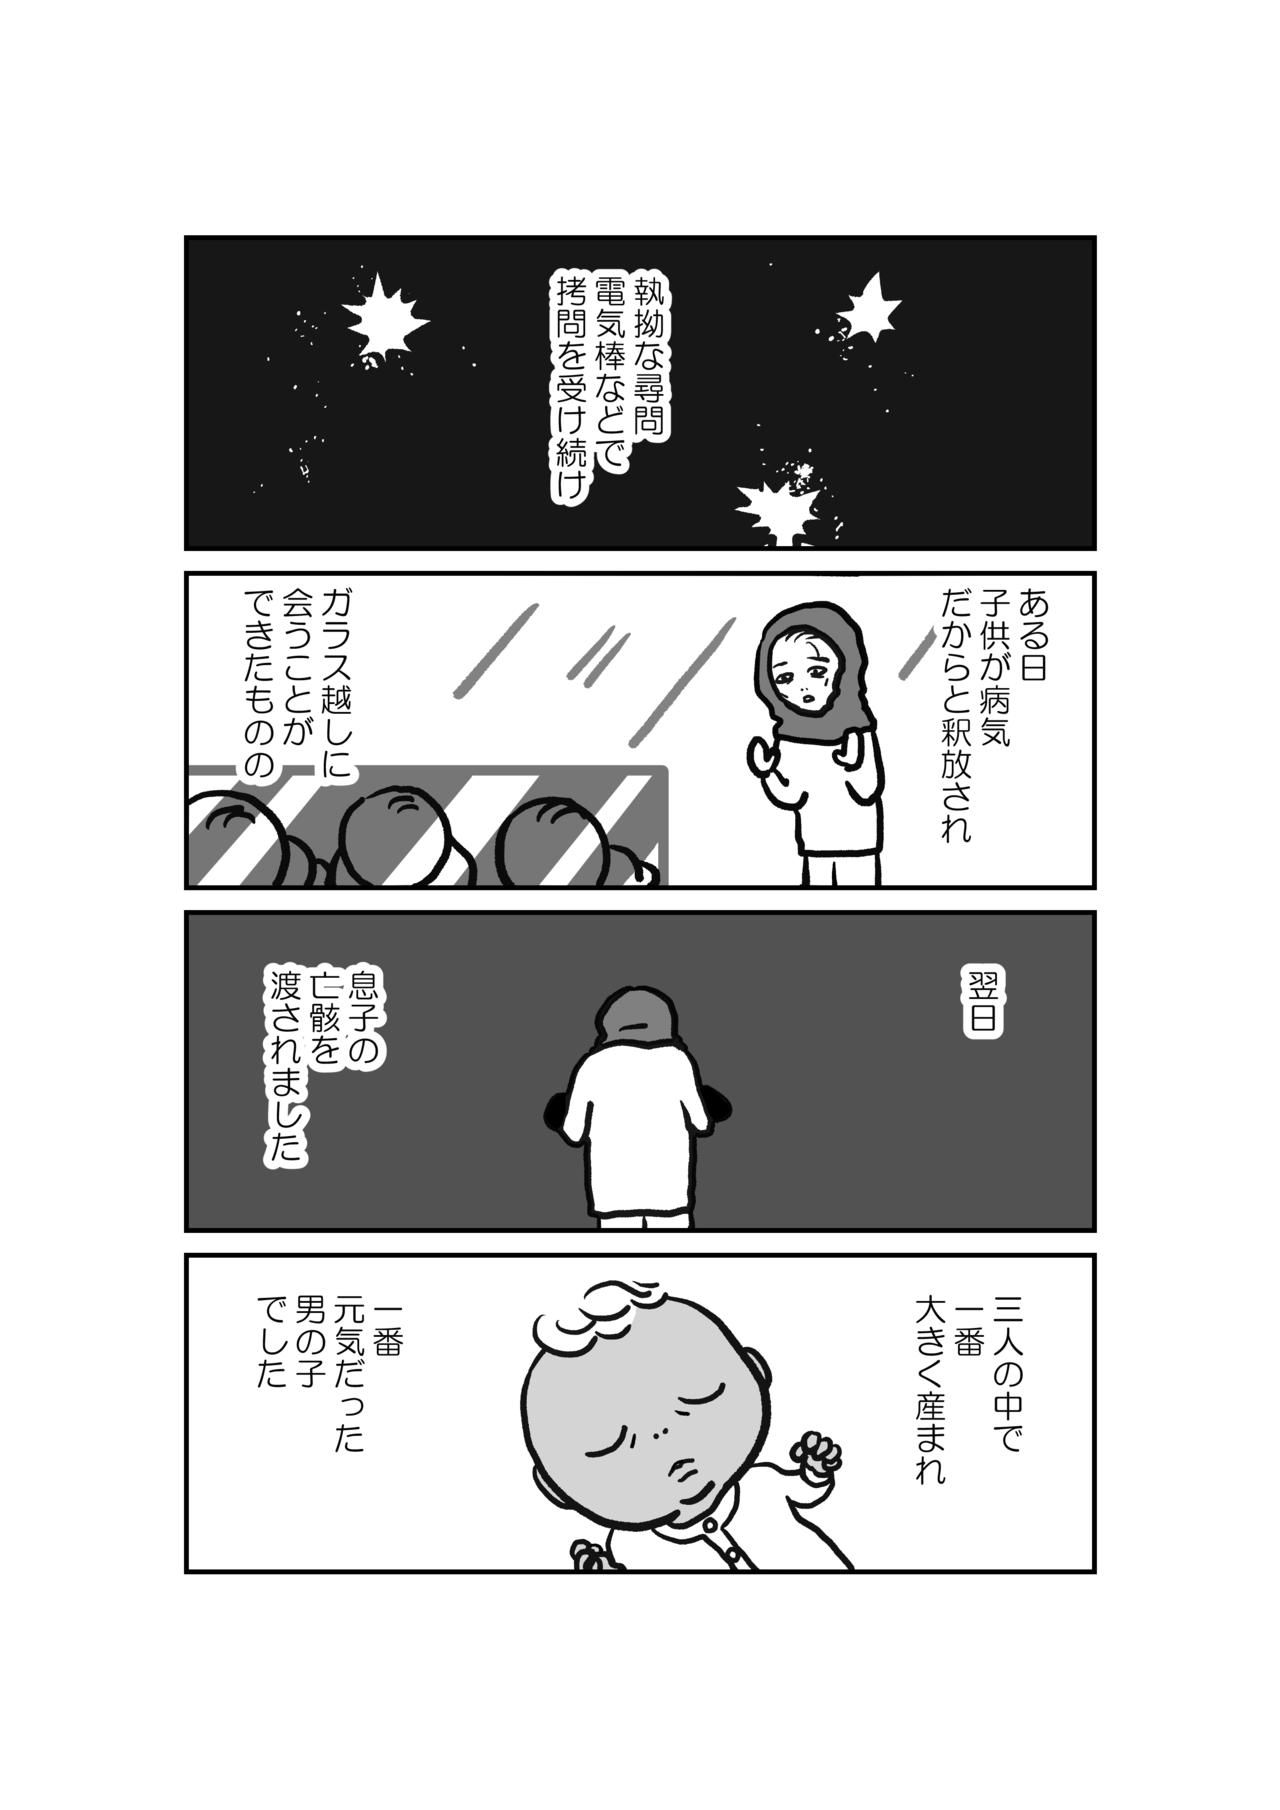 証言集会マンガ03